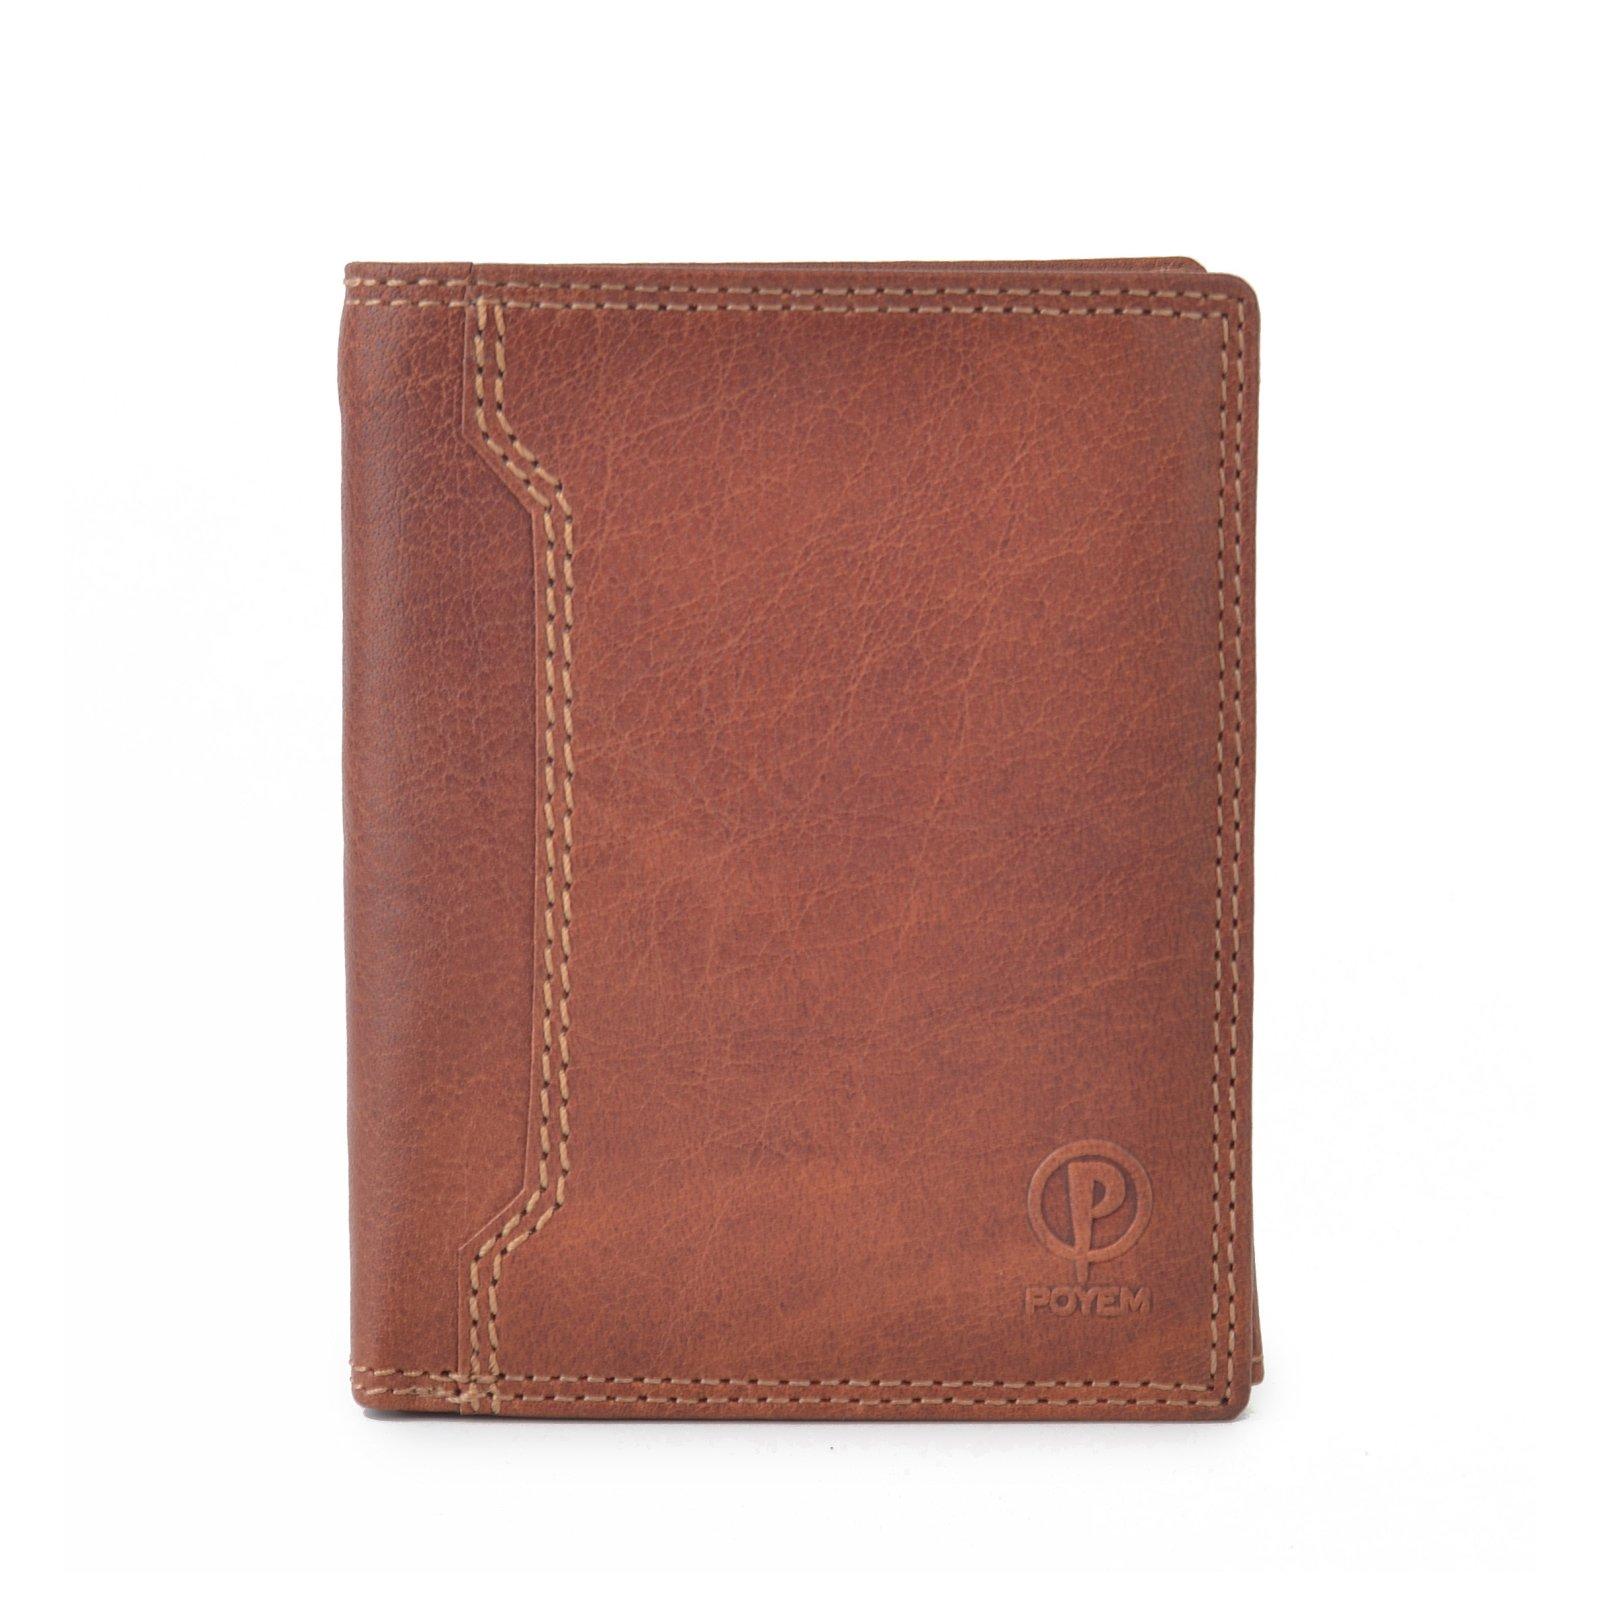 Kožená peněženka Poyem – 5207 AND KO